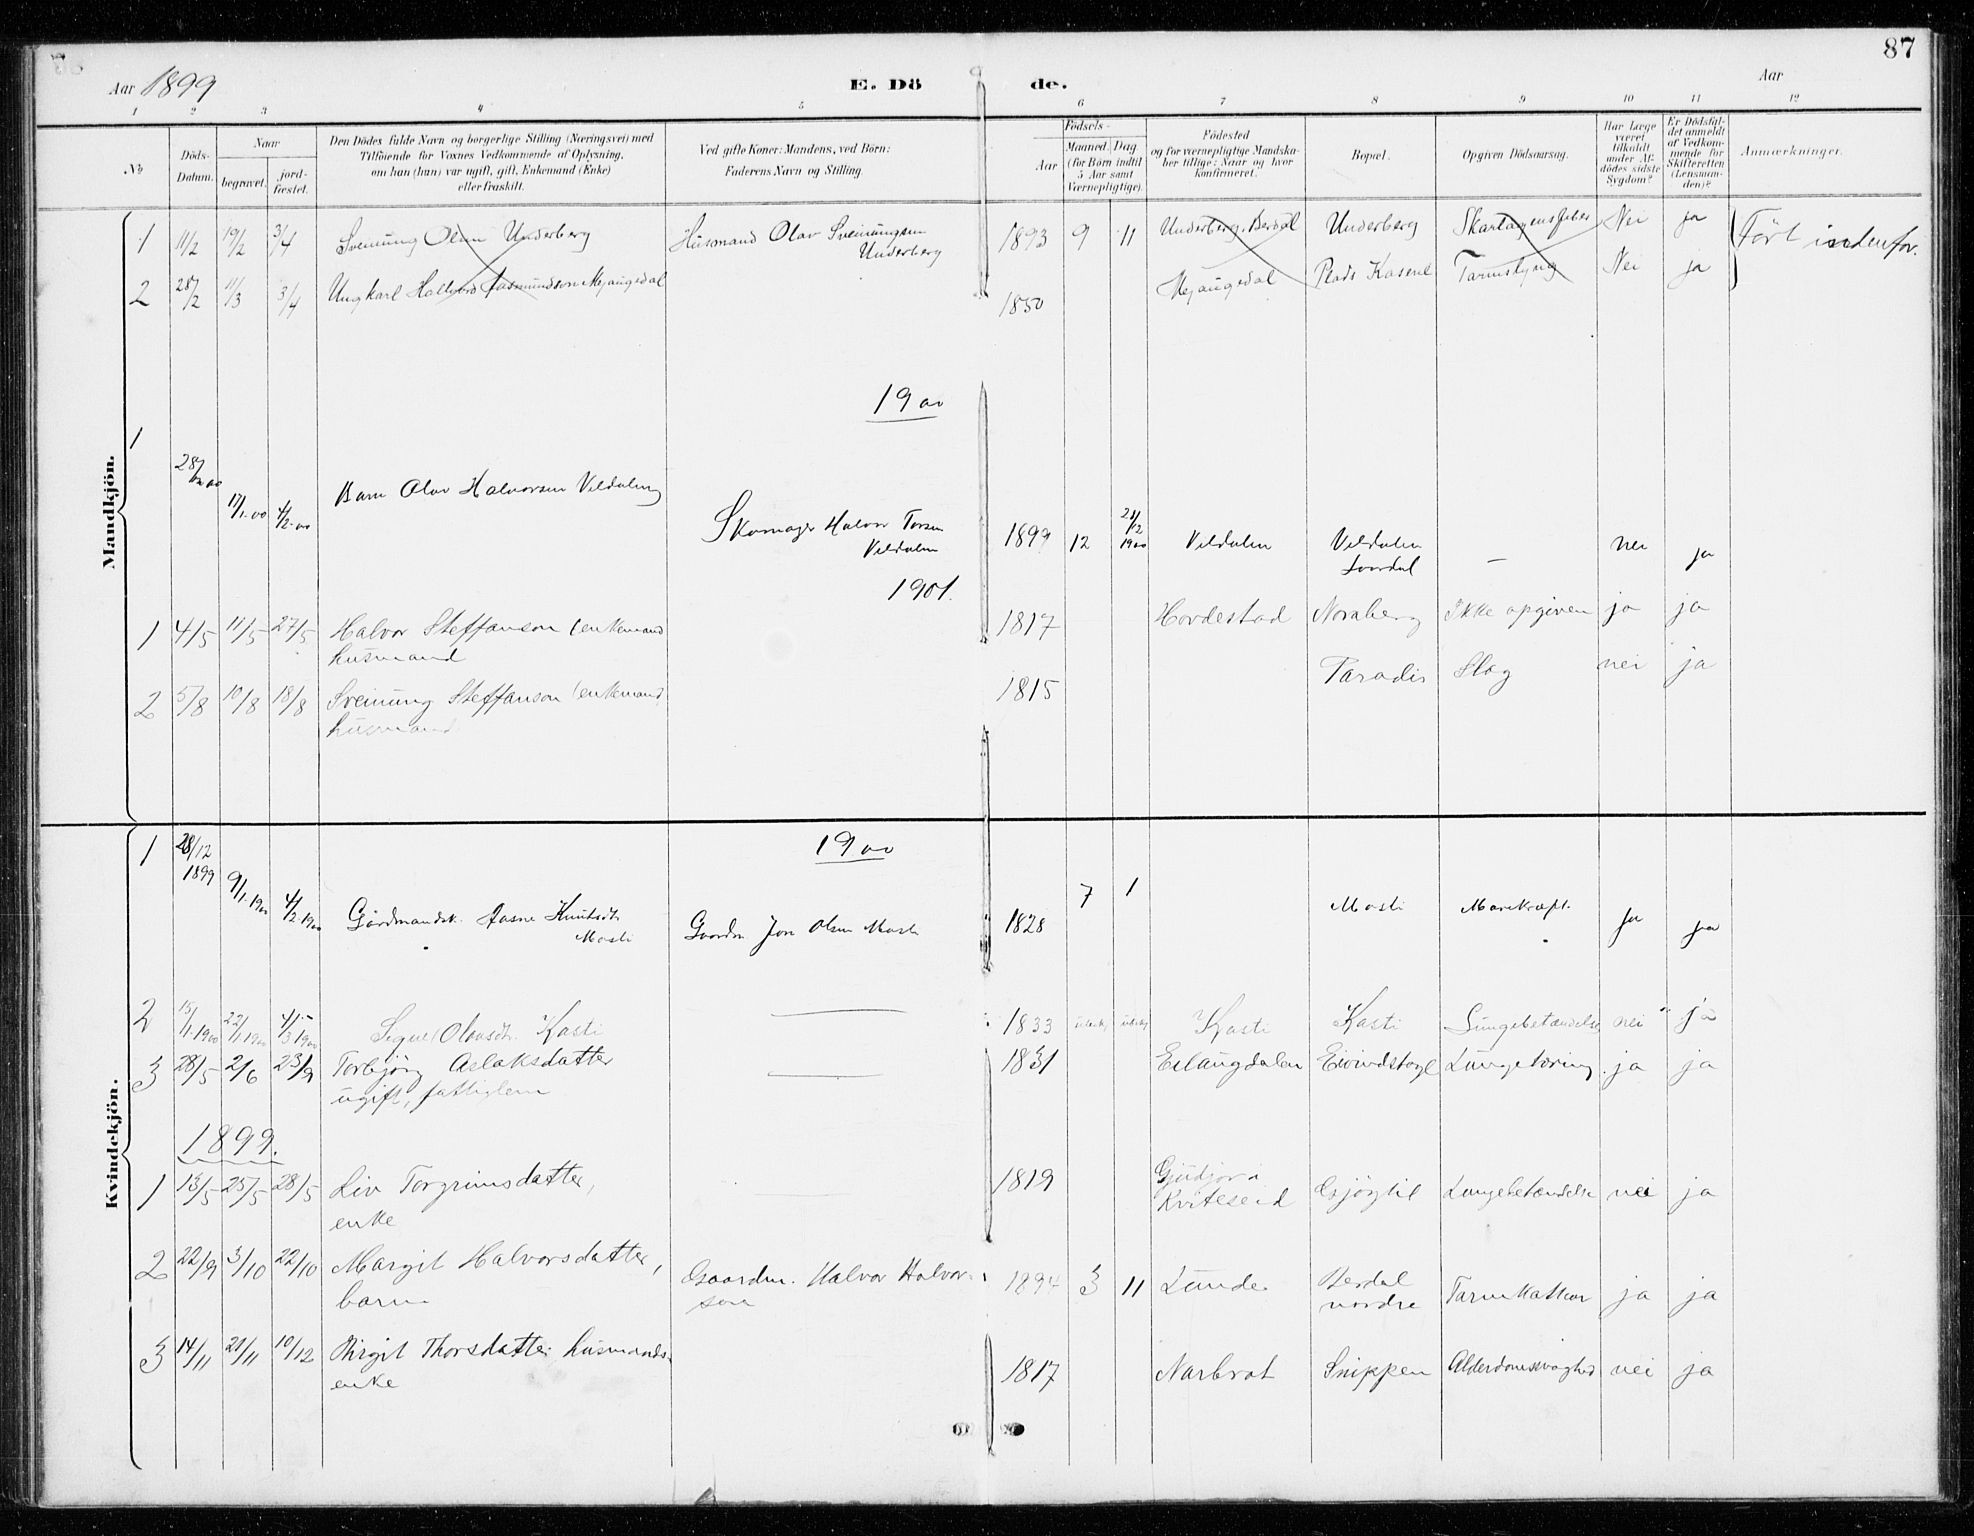 SAKO, Vinje kirkebøker, G/Gb/L0003: Klokkerbok nr. II 3, 1892-1943, s. 87